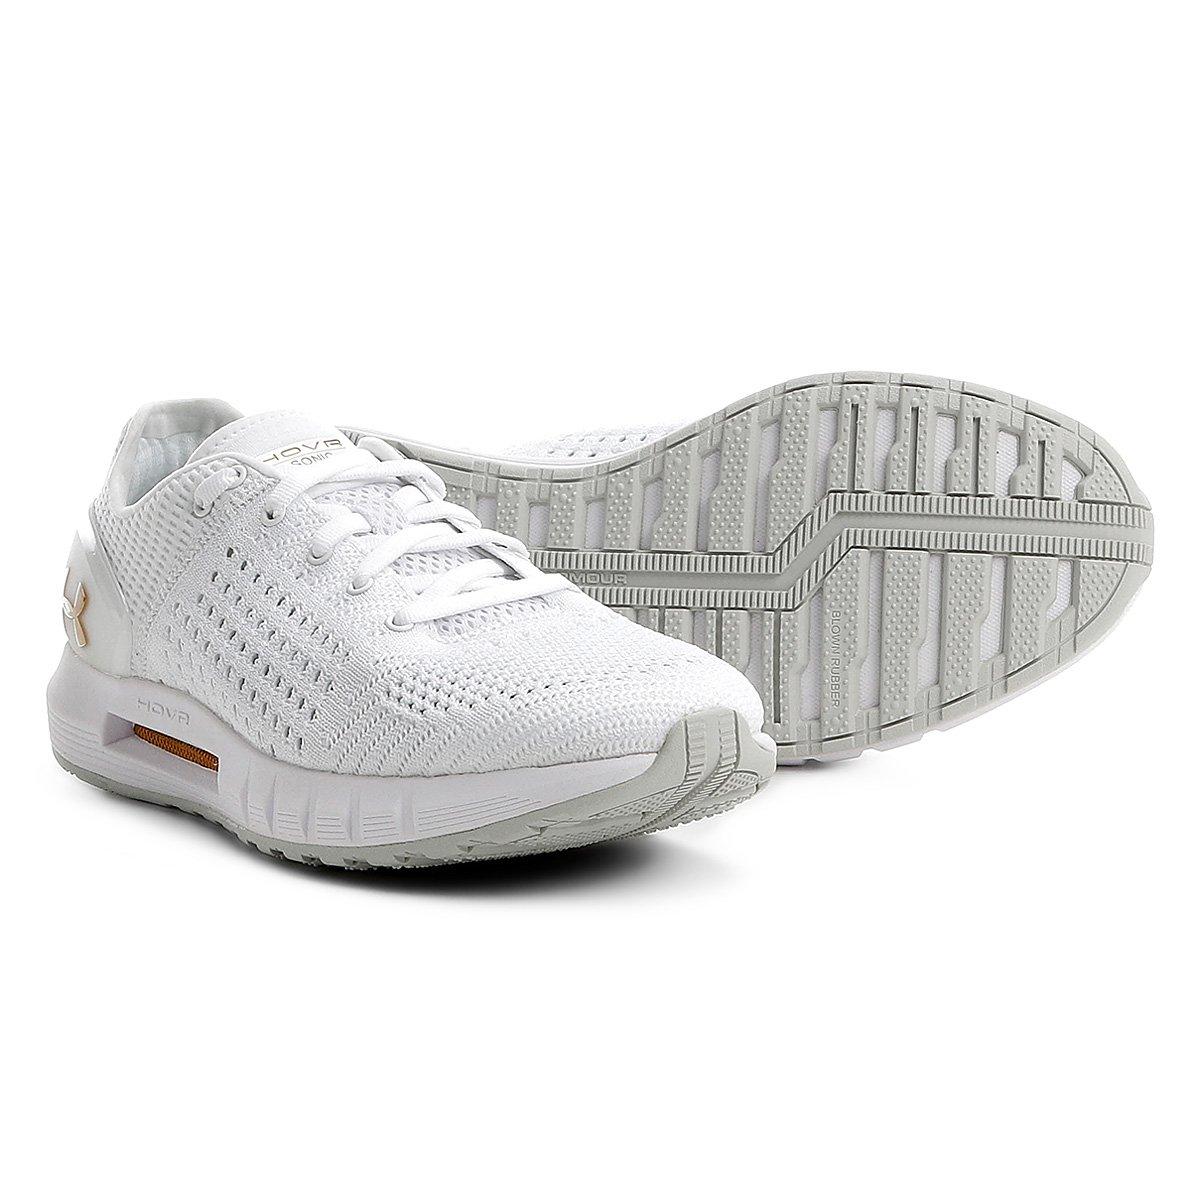 Netshoes Tênis Nike Air Max Infinity | Tênis Feminino Nike